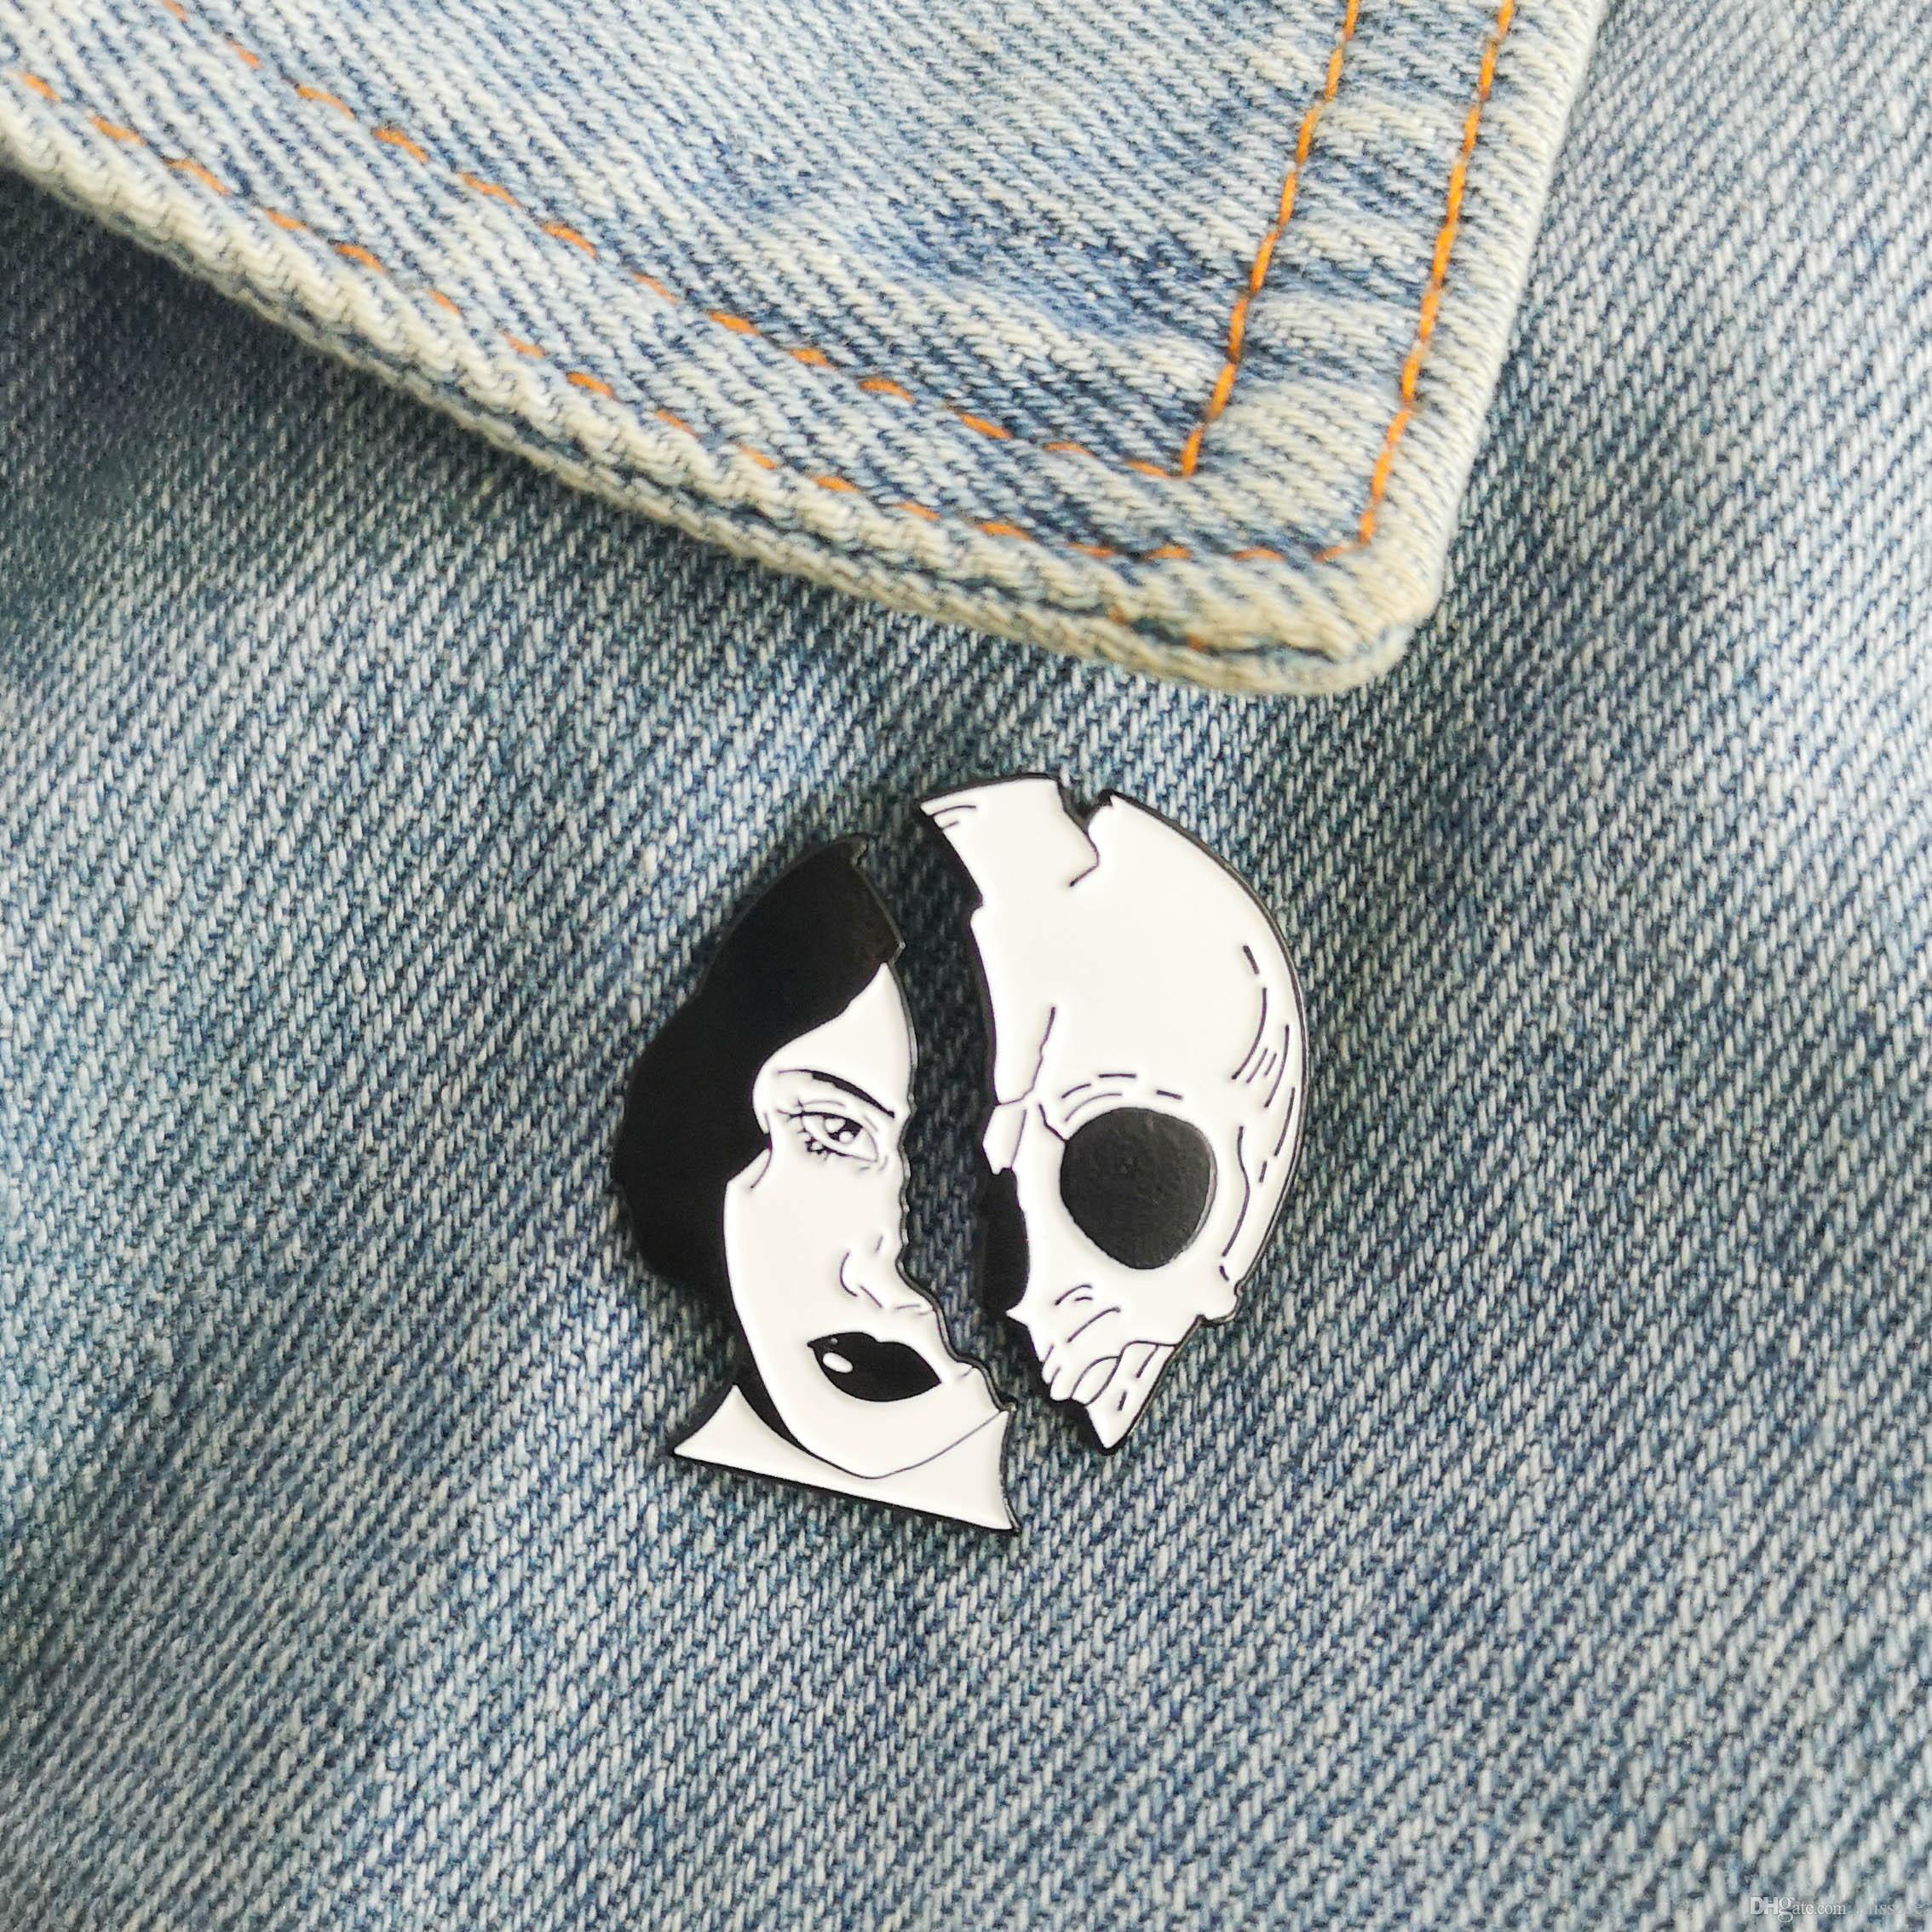 Esmalte Pinos do crânio Broches Saco Roupa lapela o emblema Punk presente Jóias Dead Cool amantes da face da mulher esqueleto personalizado